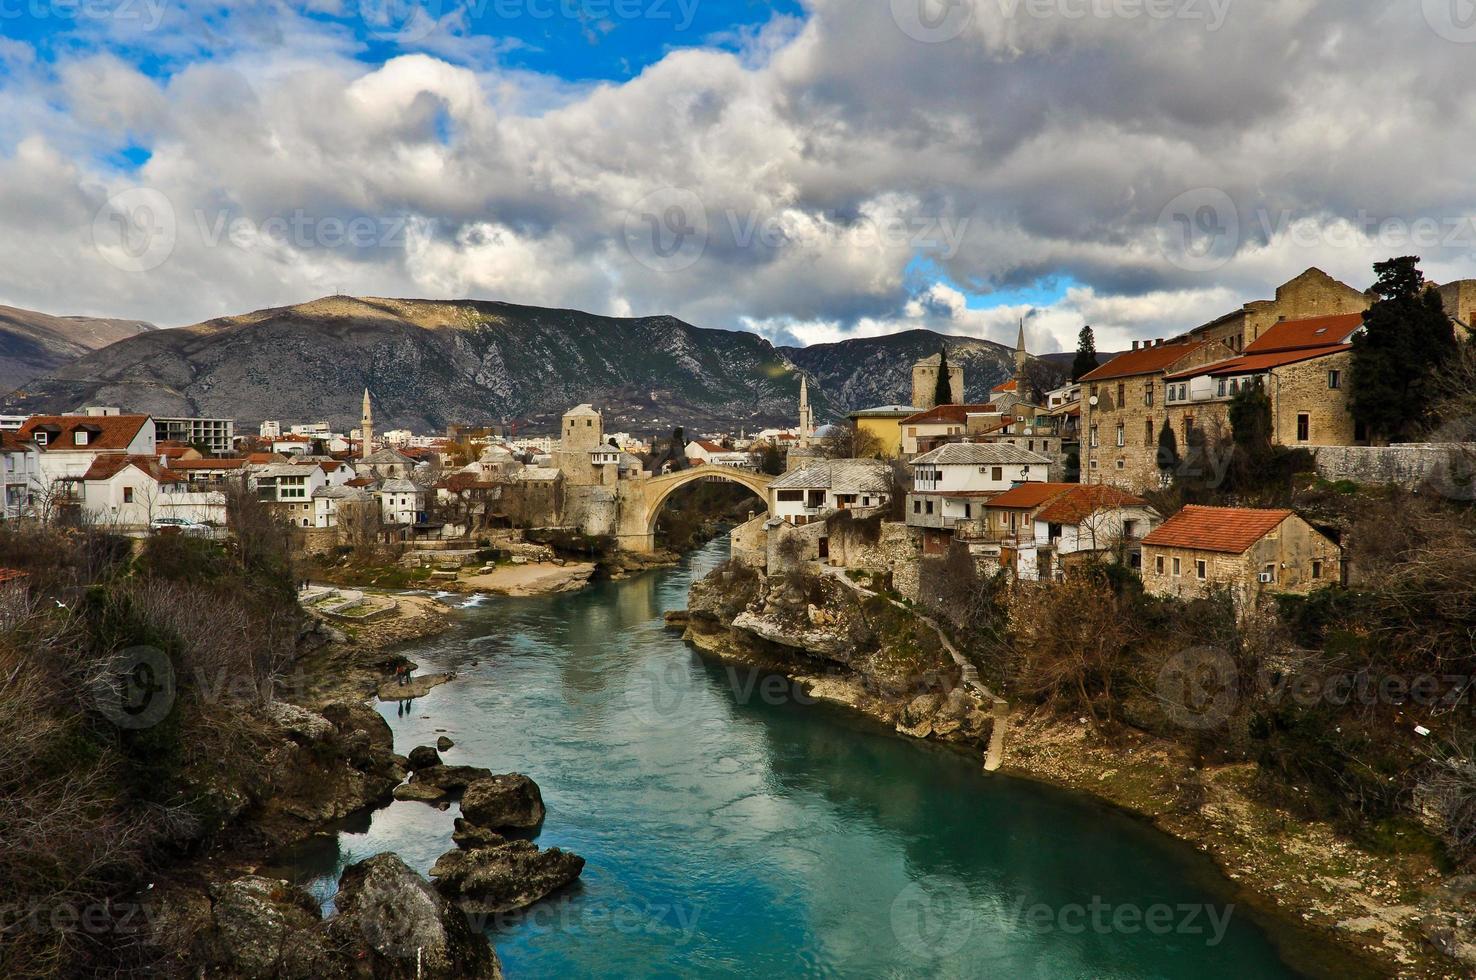 mostar gamla stadsbild och landskap foto